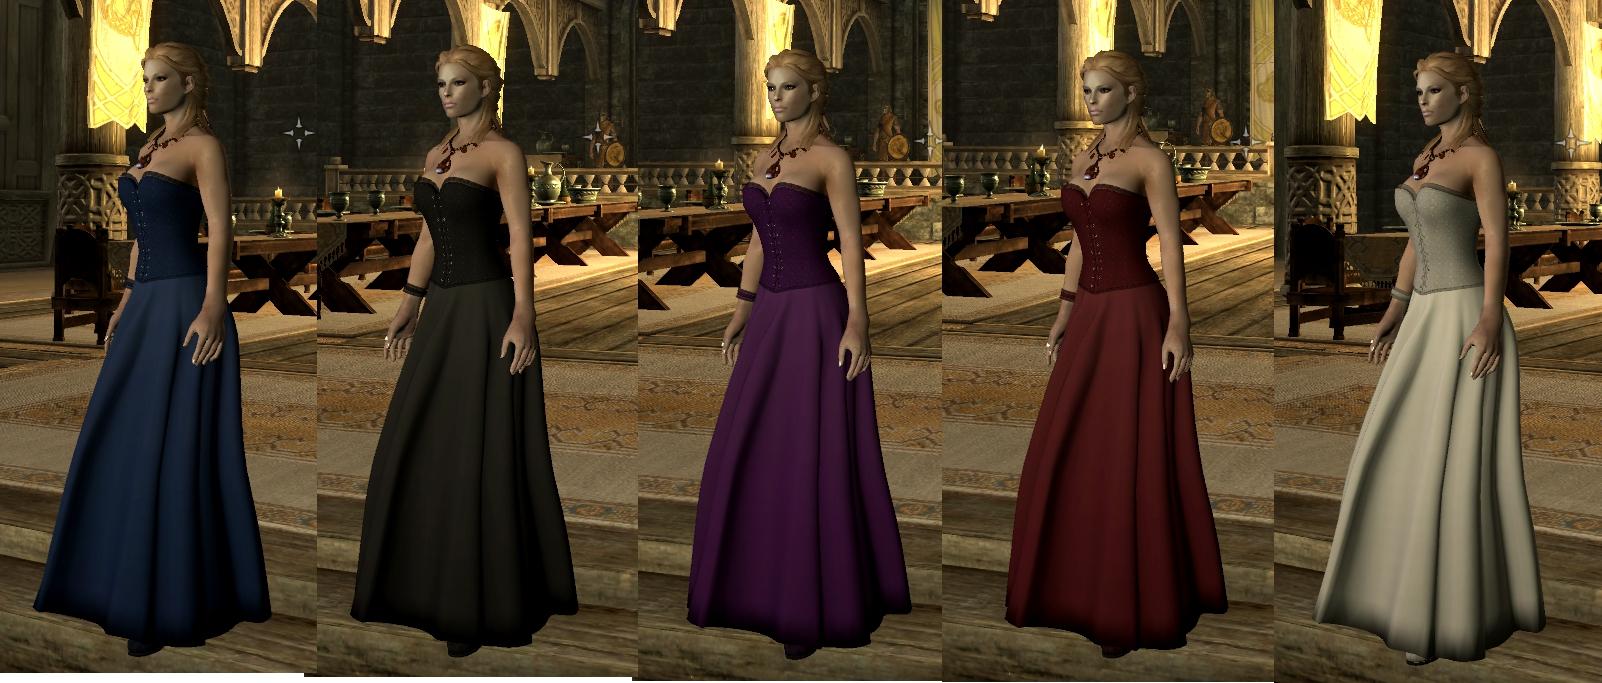 Скачать мод для скайрима на платья